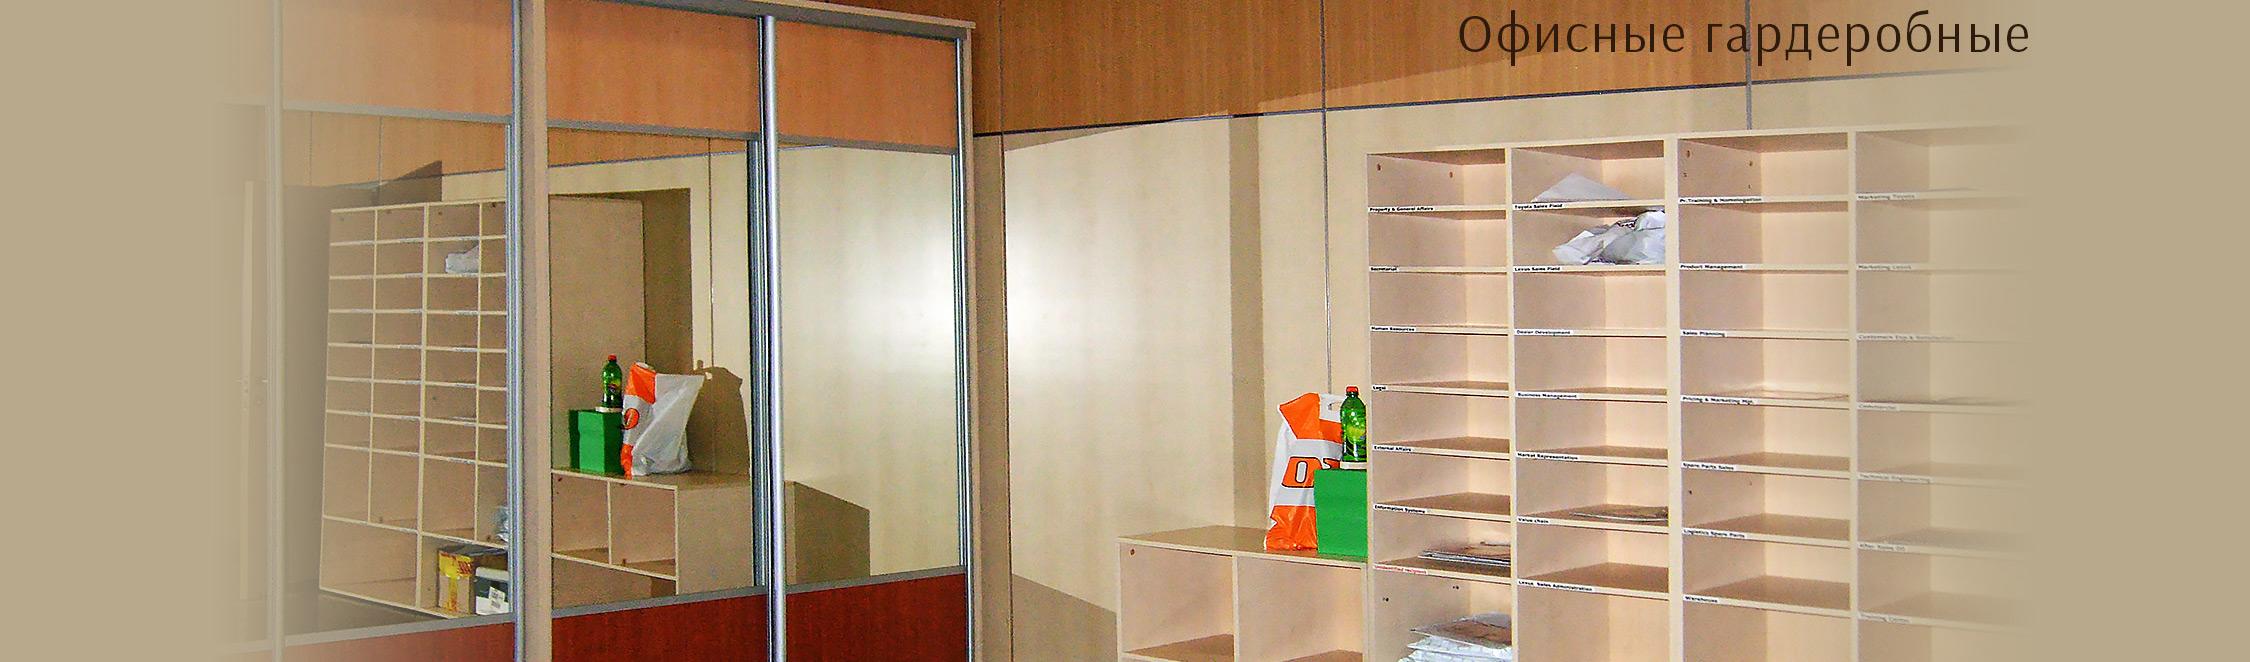 Офисные гардеробные и мебель для раздевалок на заказ